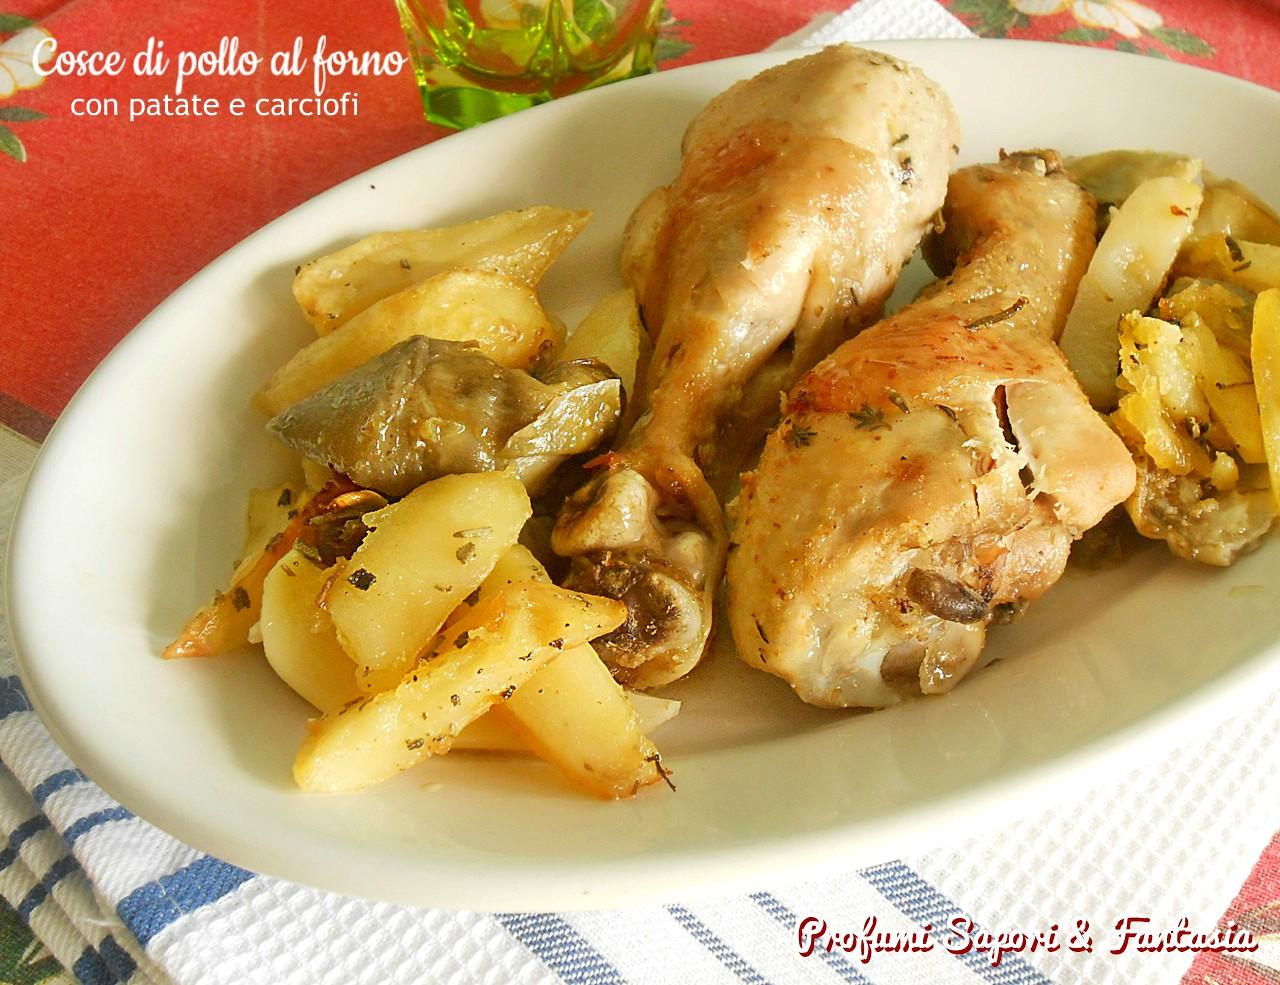 Cosce Di Pollo Al Forno Con Patate E Carciofi Ricetta Facile